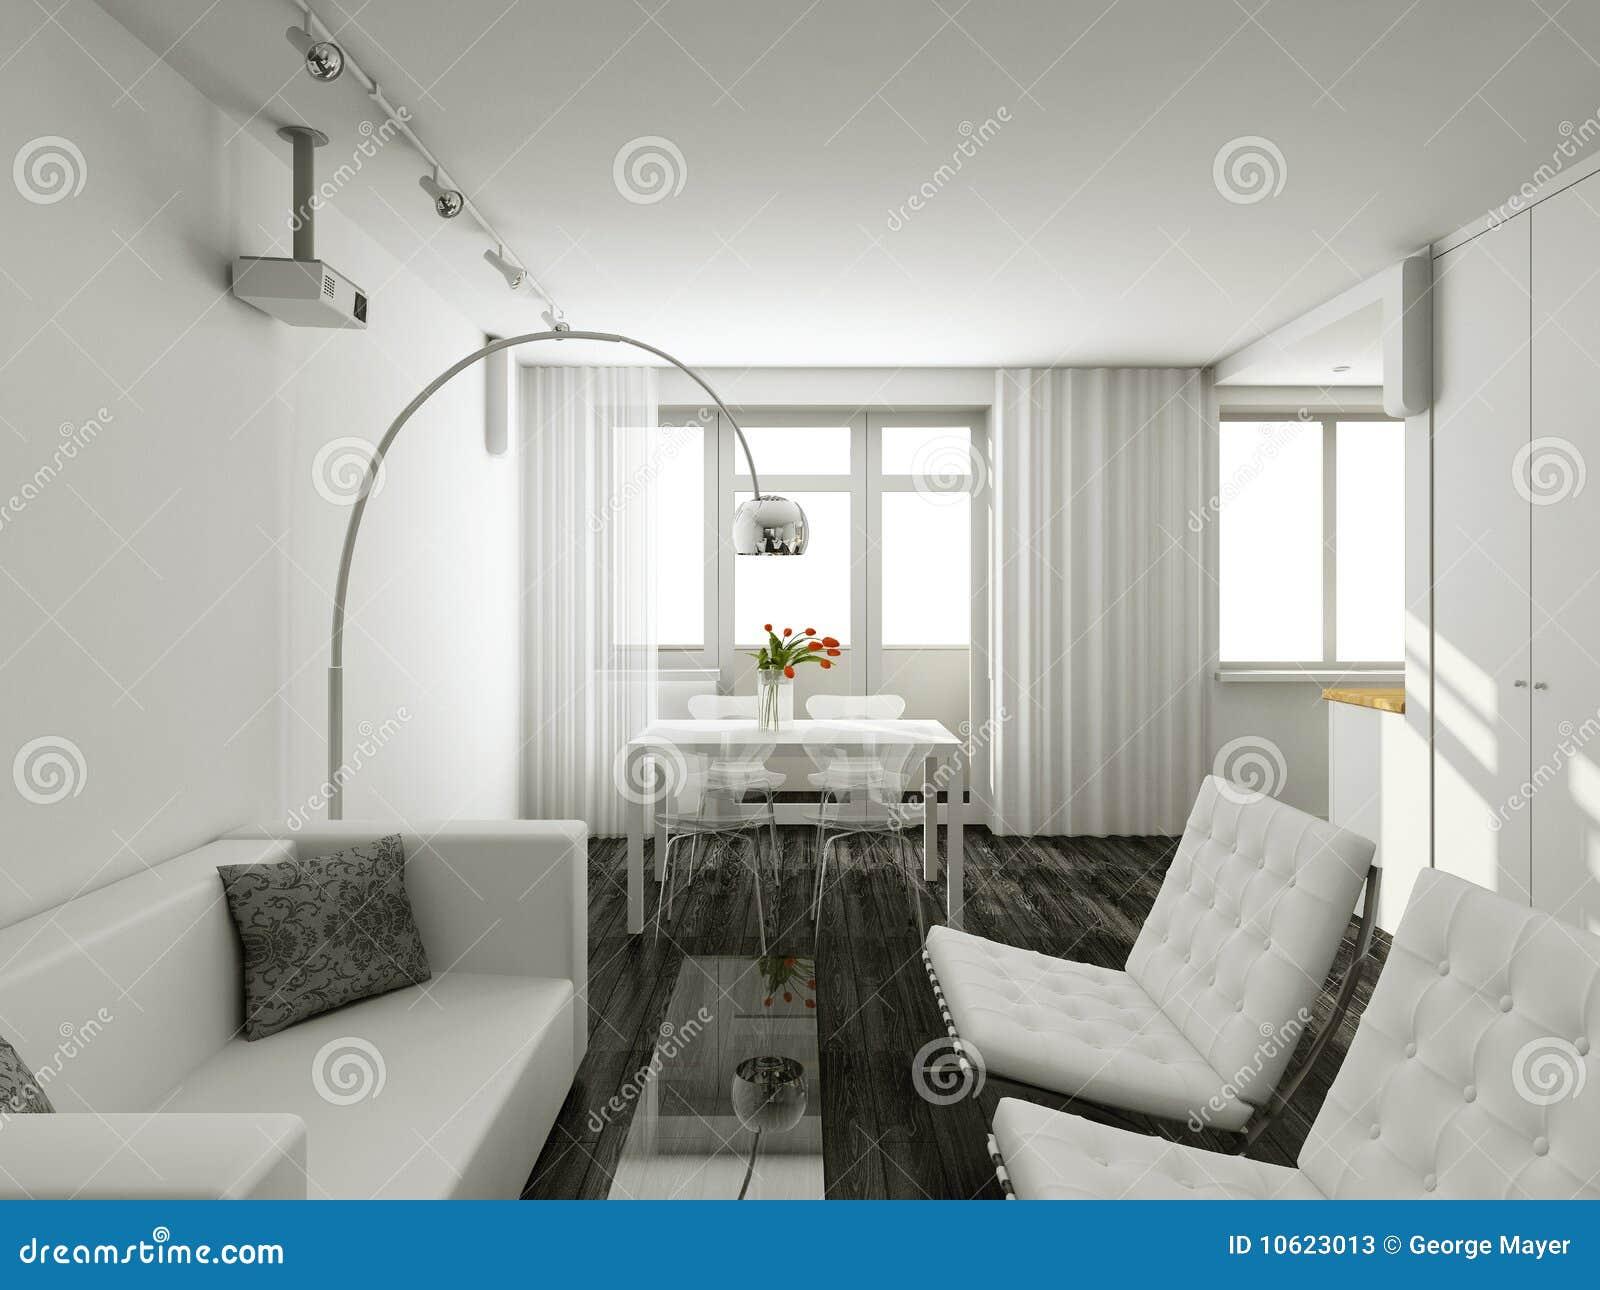 Paarse woonkamer ideeen : Moderne Woonkamer Fotos Ideeen Voor ...